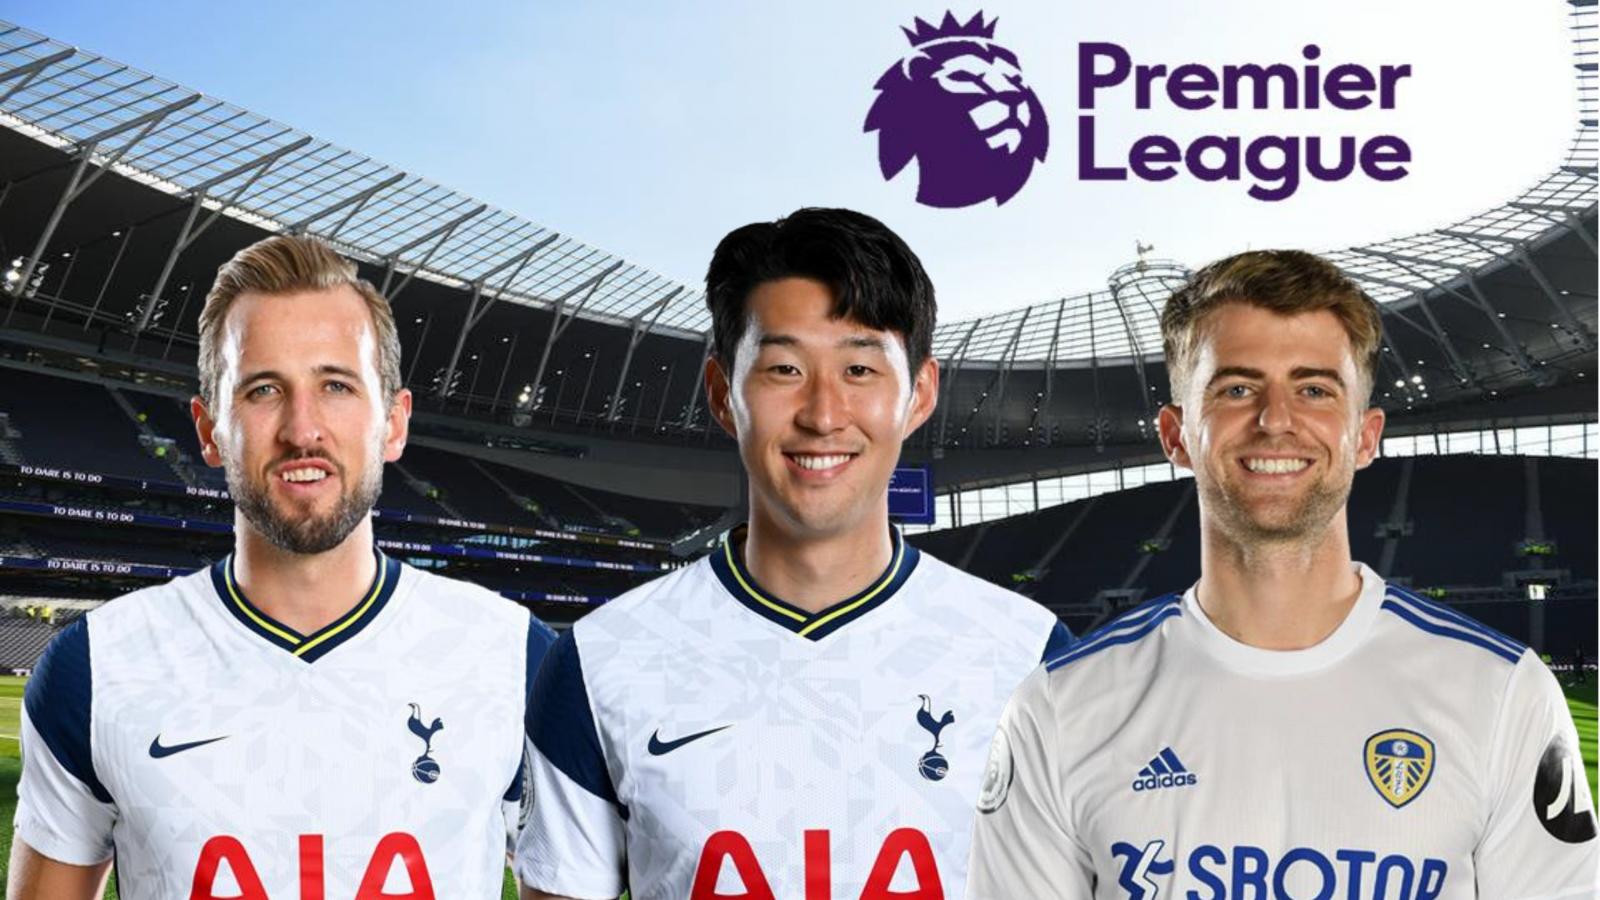 Dự đoán kết quả, đội hình xuất phát trận Tottenham - Leeds